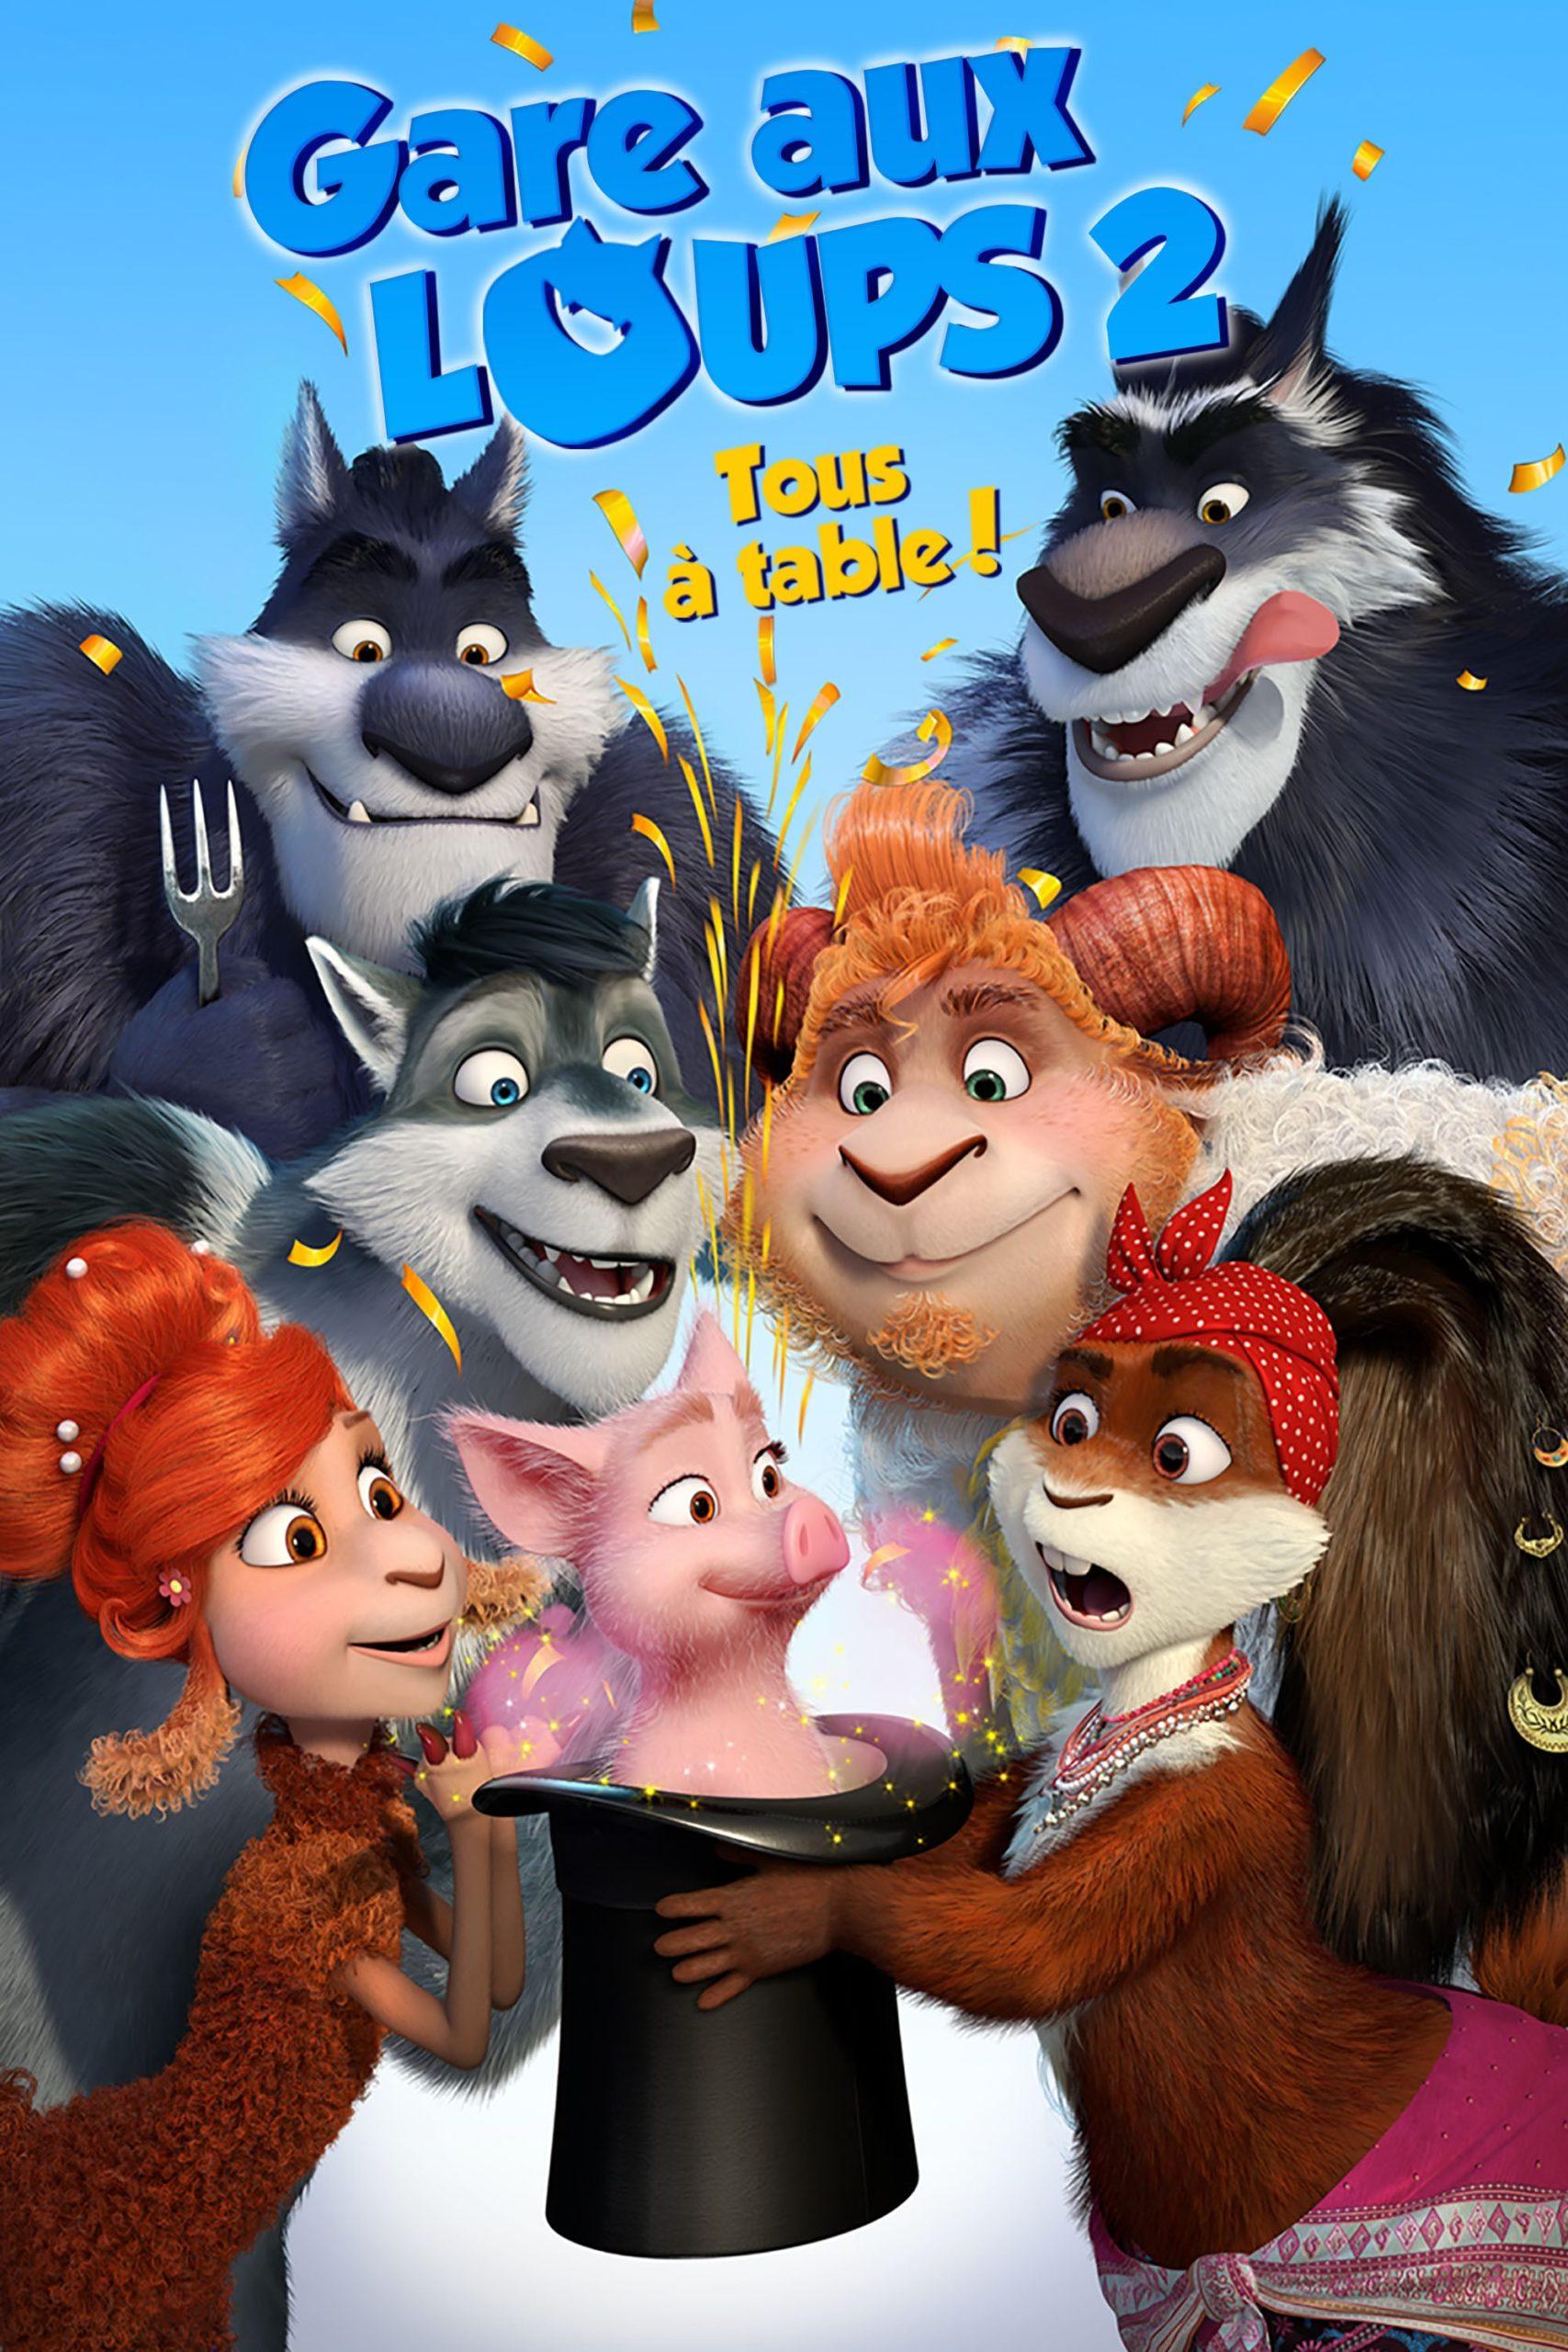 Gare aux loups 2: Tous à table!